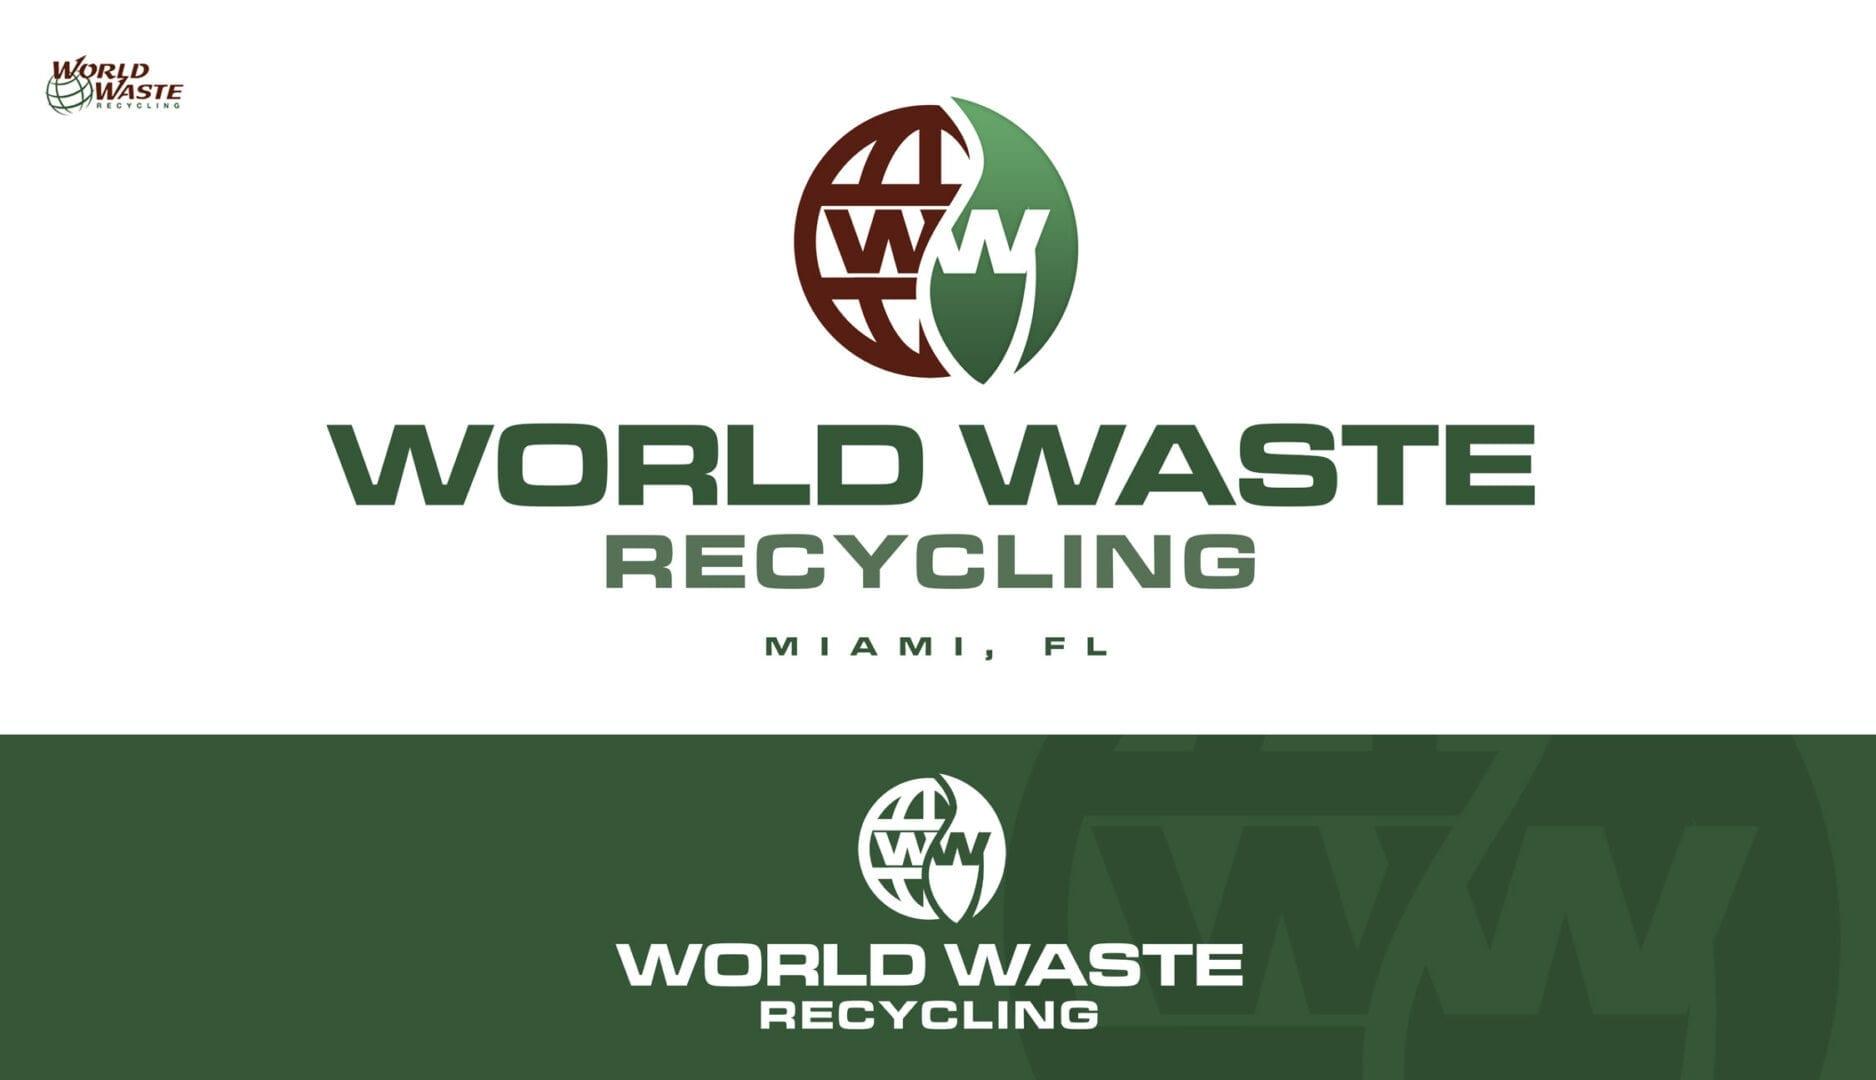 sli-Project-gallery-worldwaste-005